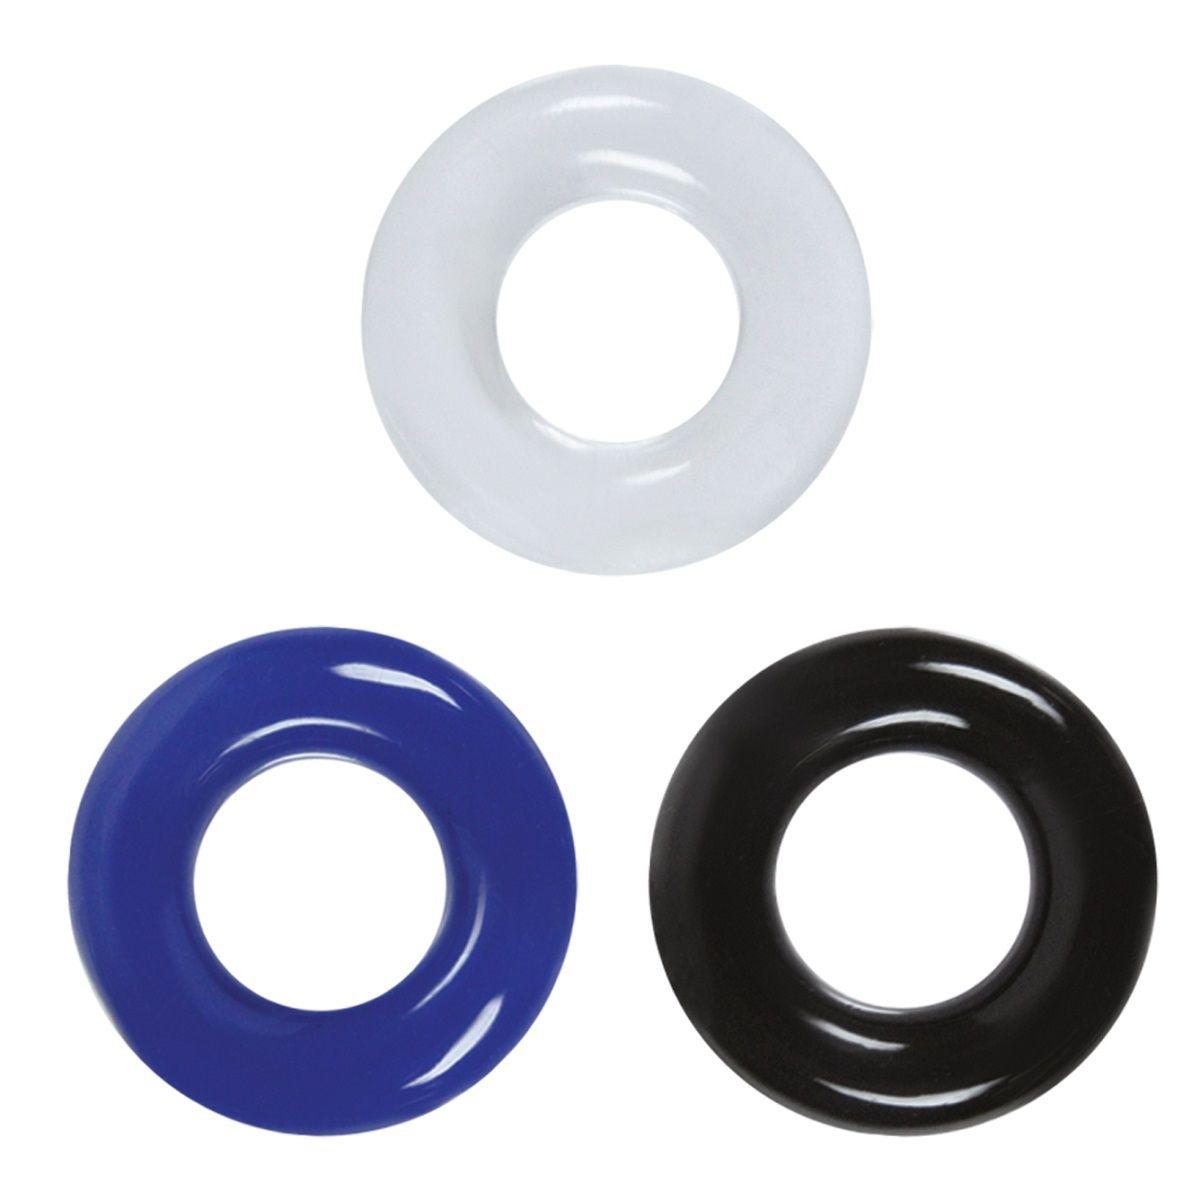 Набор разноцветных эрекционных колец Stamina Rings